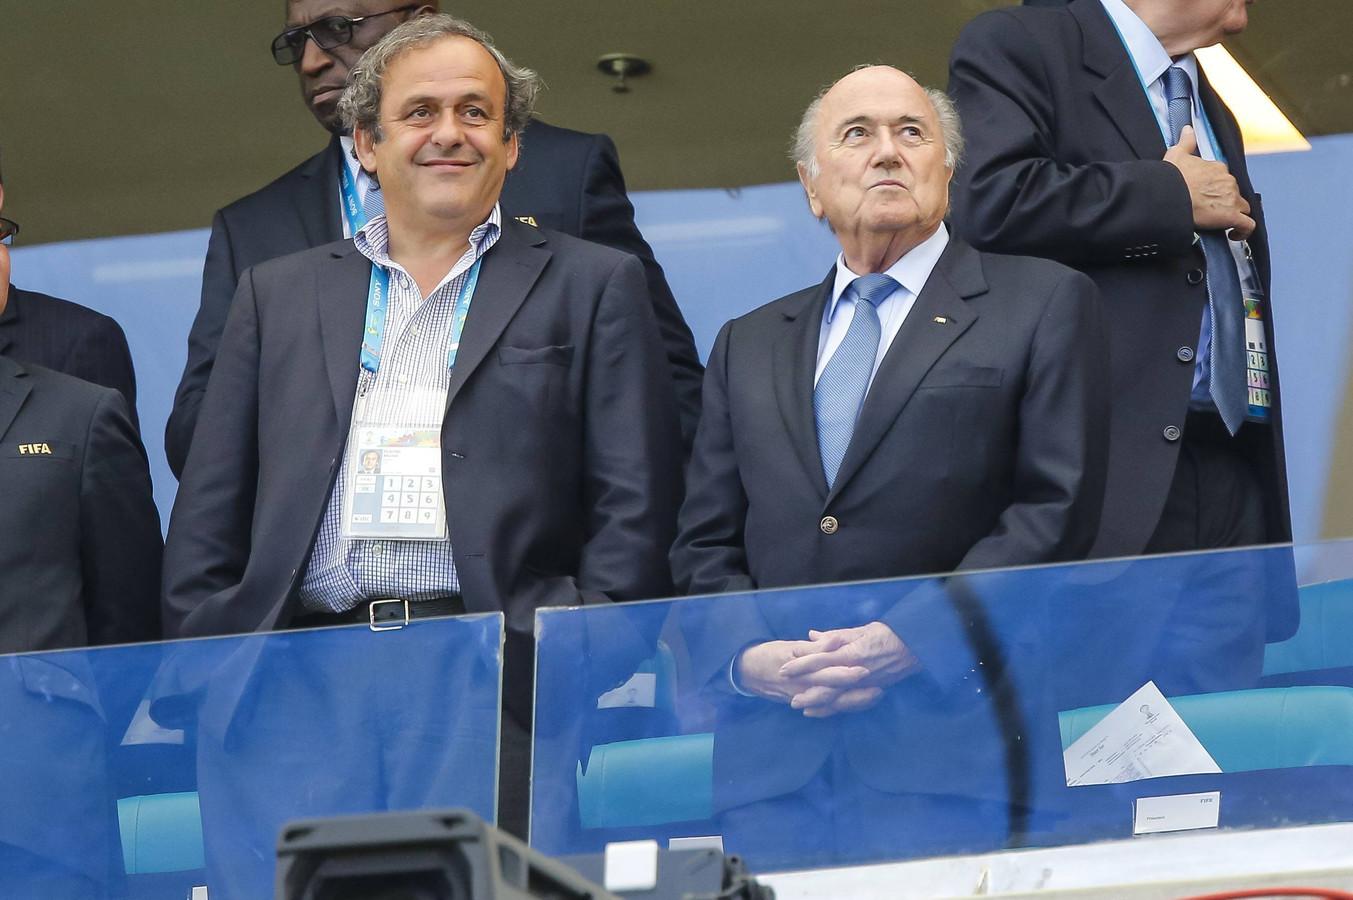 Michel Platini en Sepp Blatter tijdens het WK 2014 in Brazilië.